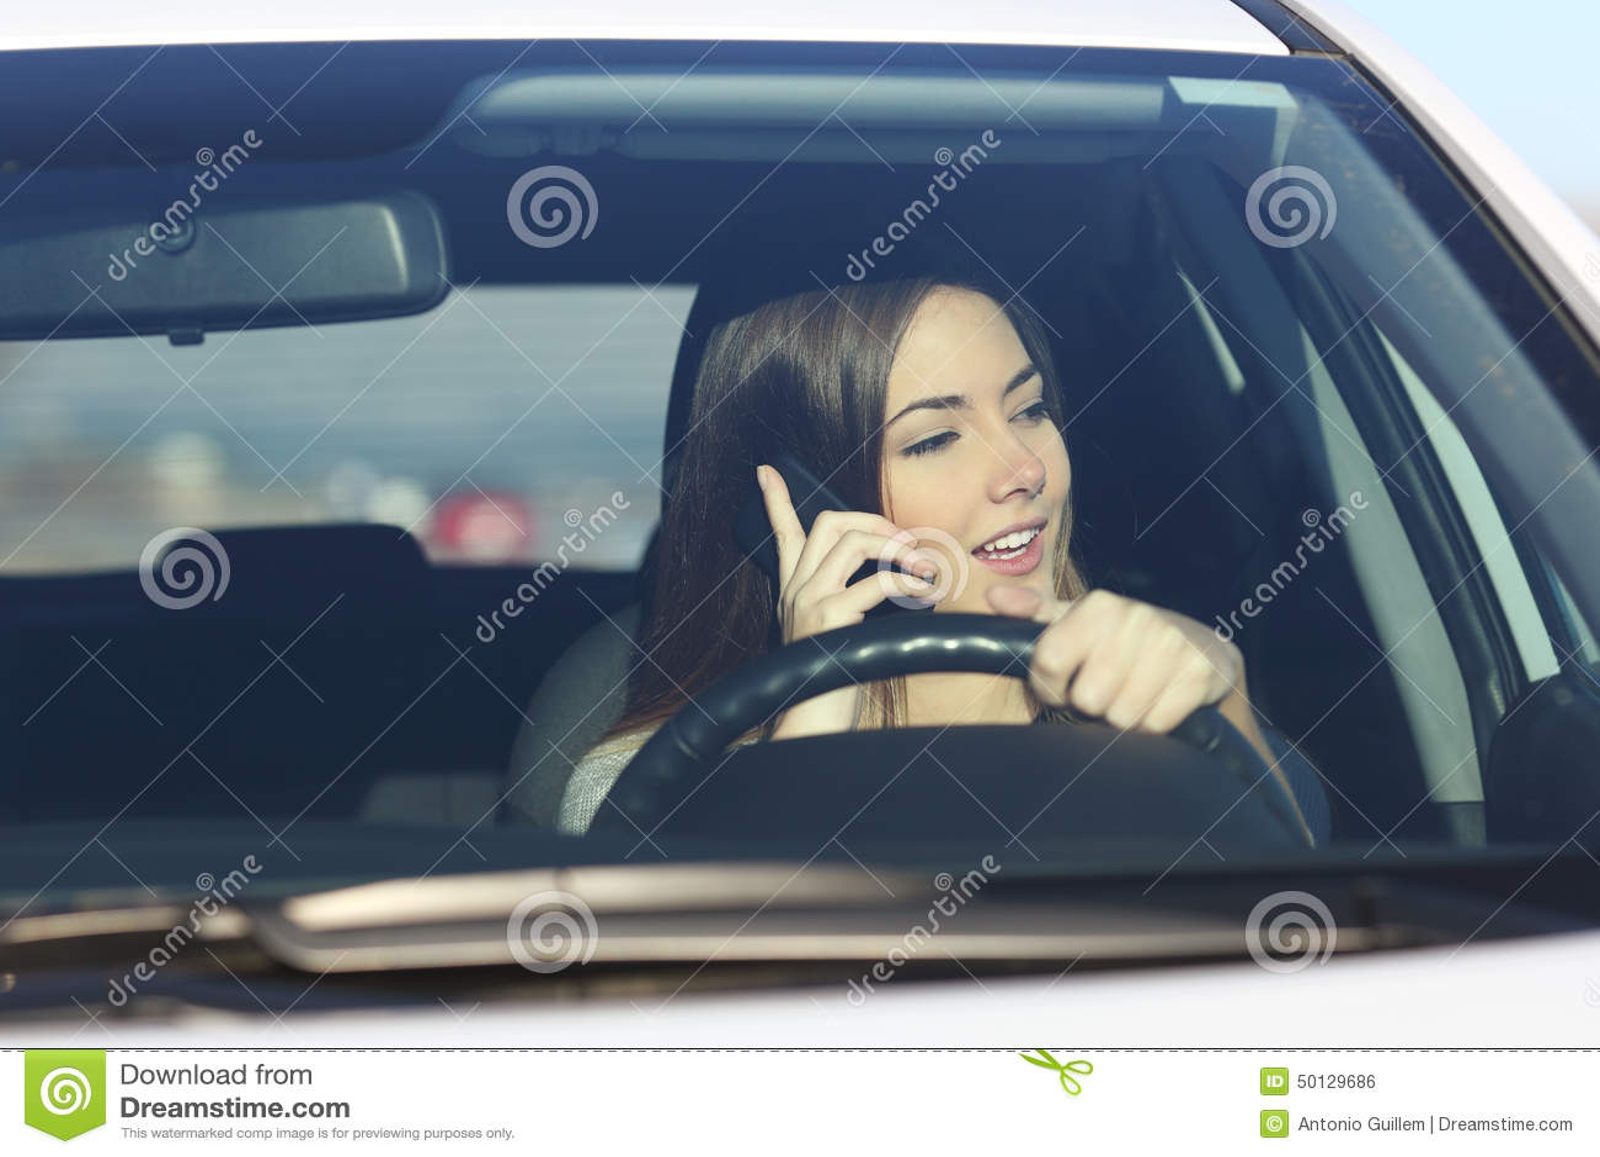 Autista che conduce un automobile distratta sul telefono